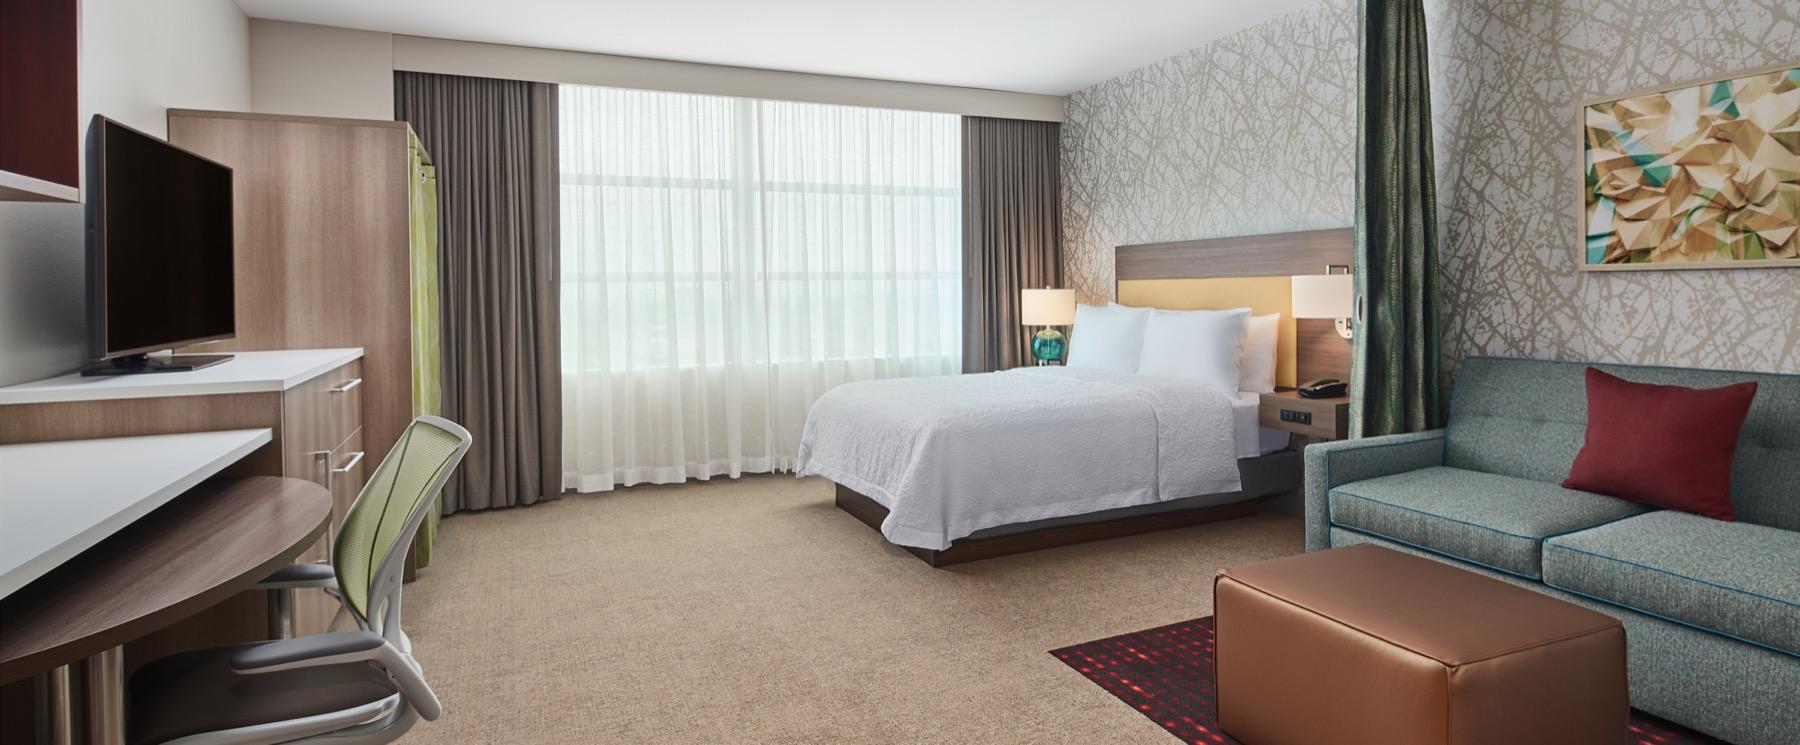 Explore hotels